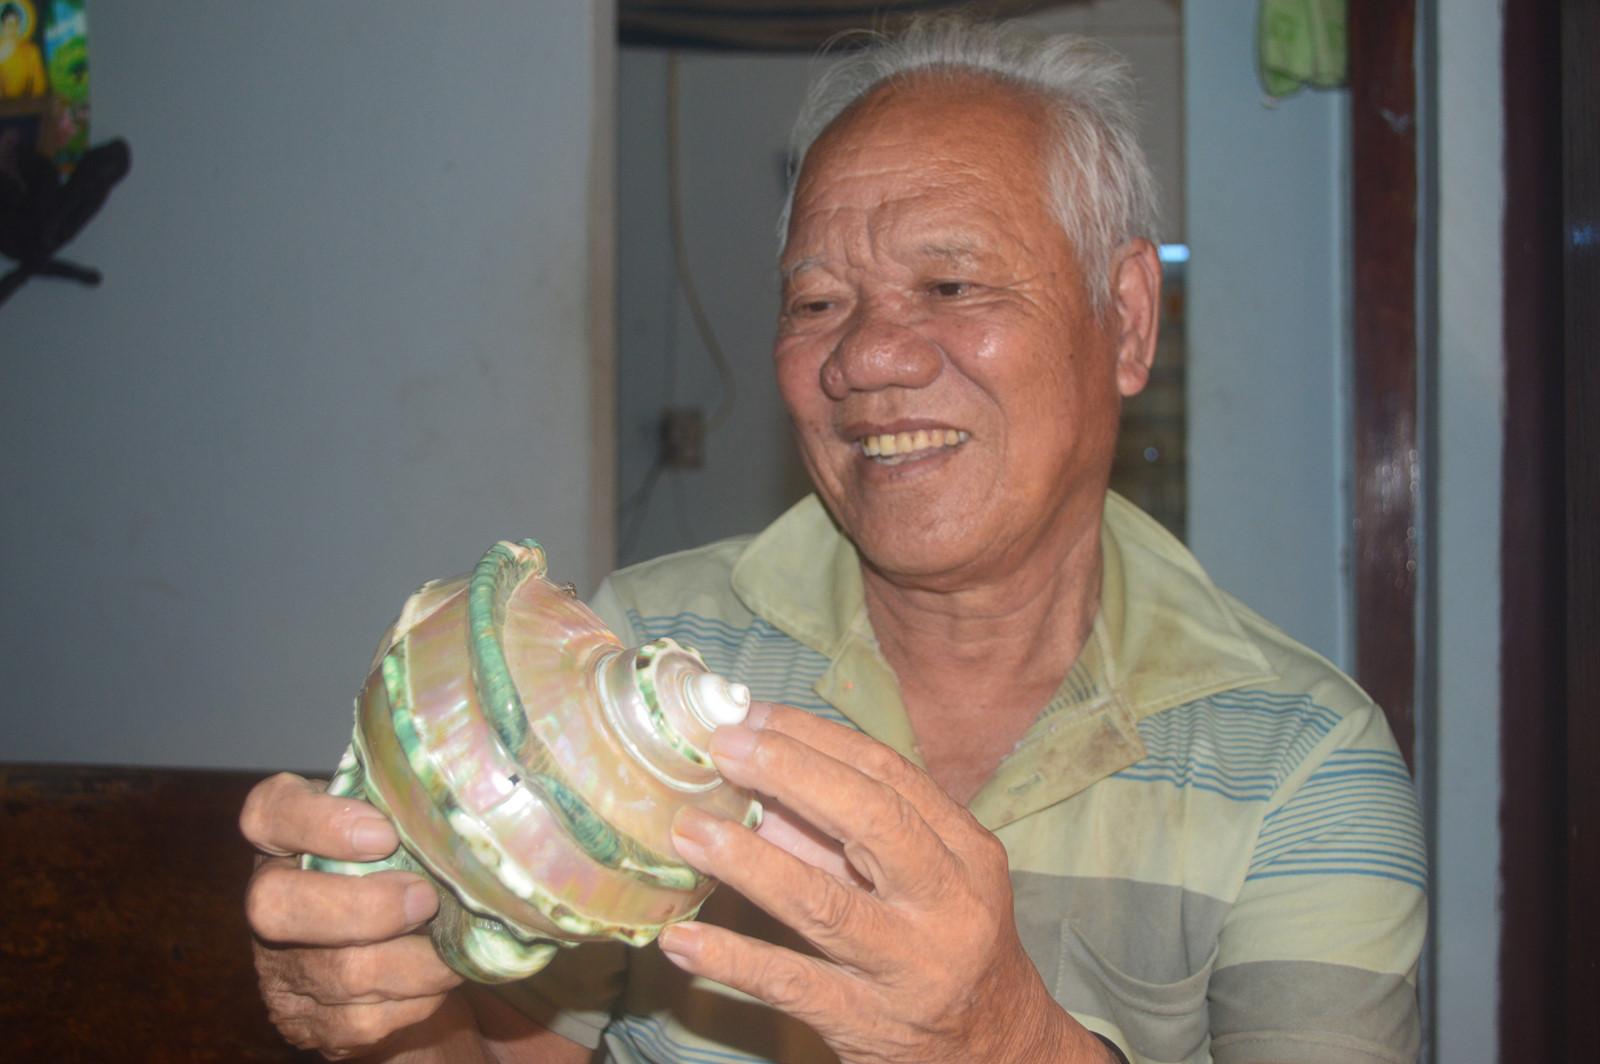 Vỏ ốc xà cừ duy nhất trên đảo Lý Sơn mà lão ngư Bùi Thượng còn lưu giữ